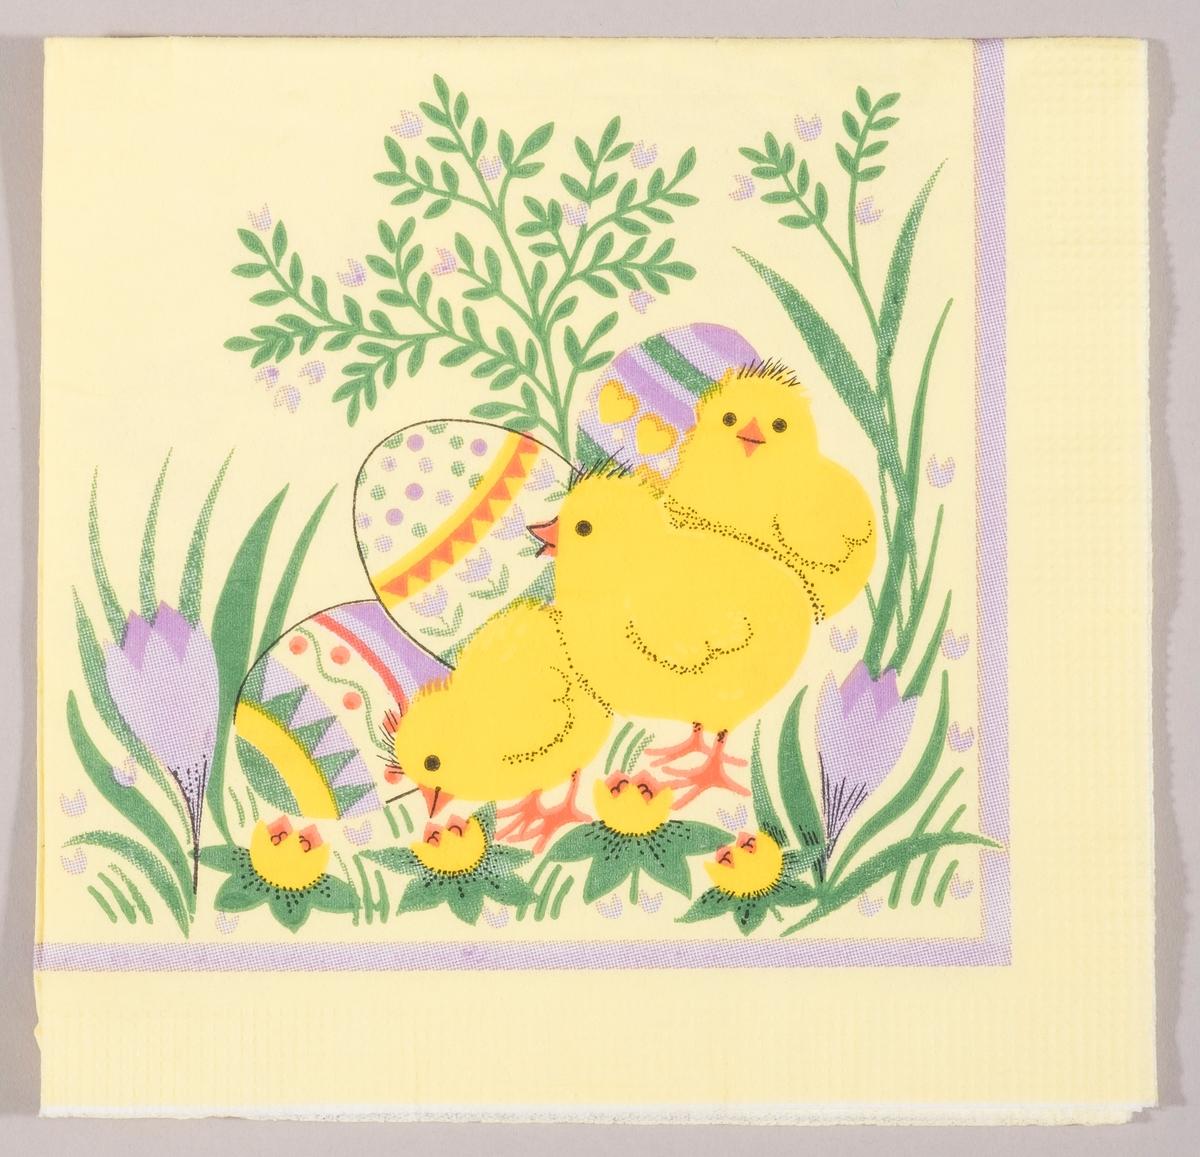 Tre kyllinger og tre store dekorerte påskeegg. Krokus og gule og lilla vårblomster.